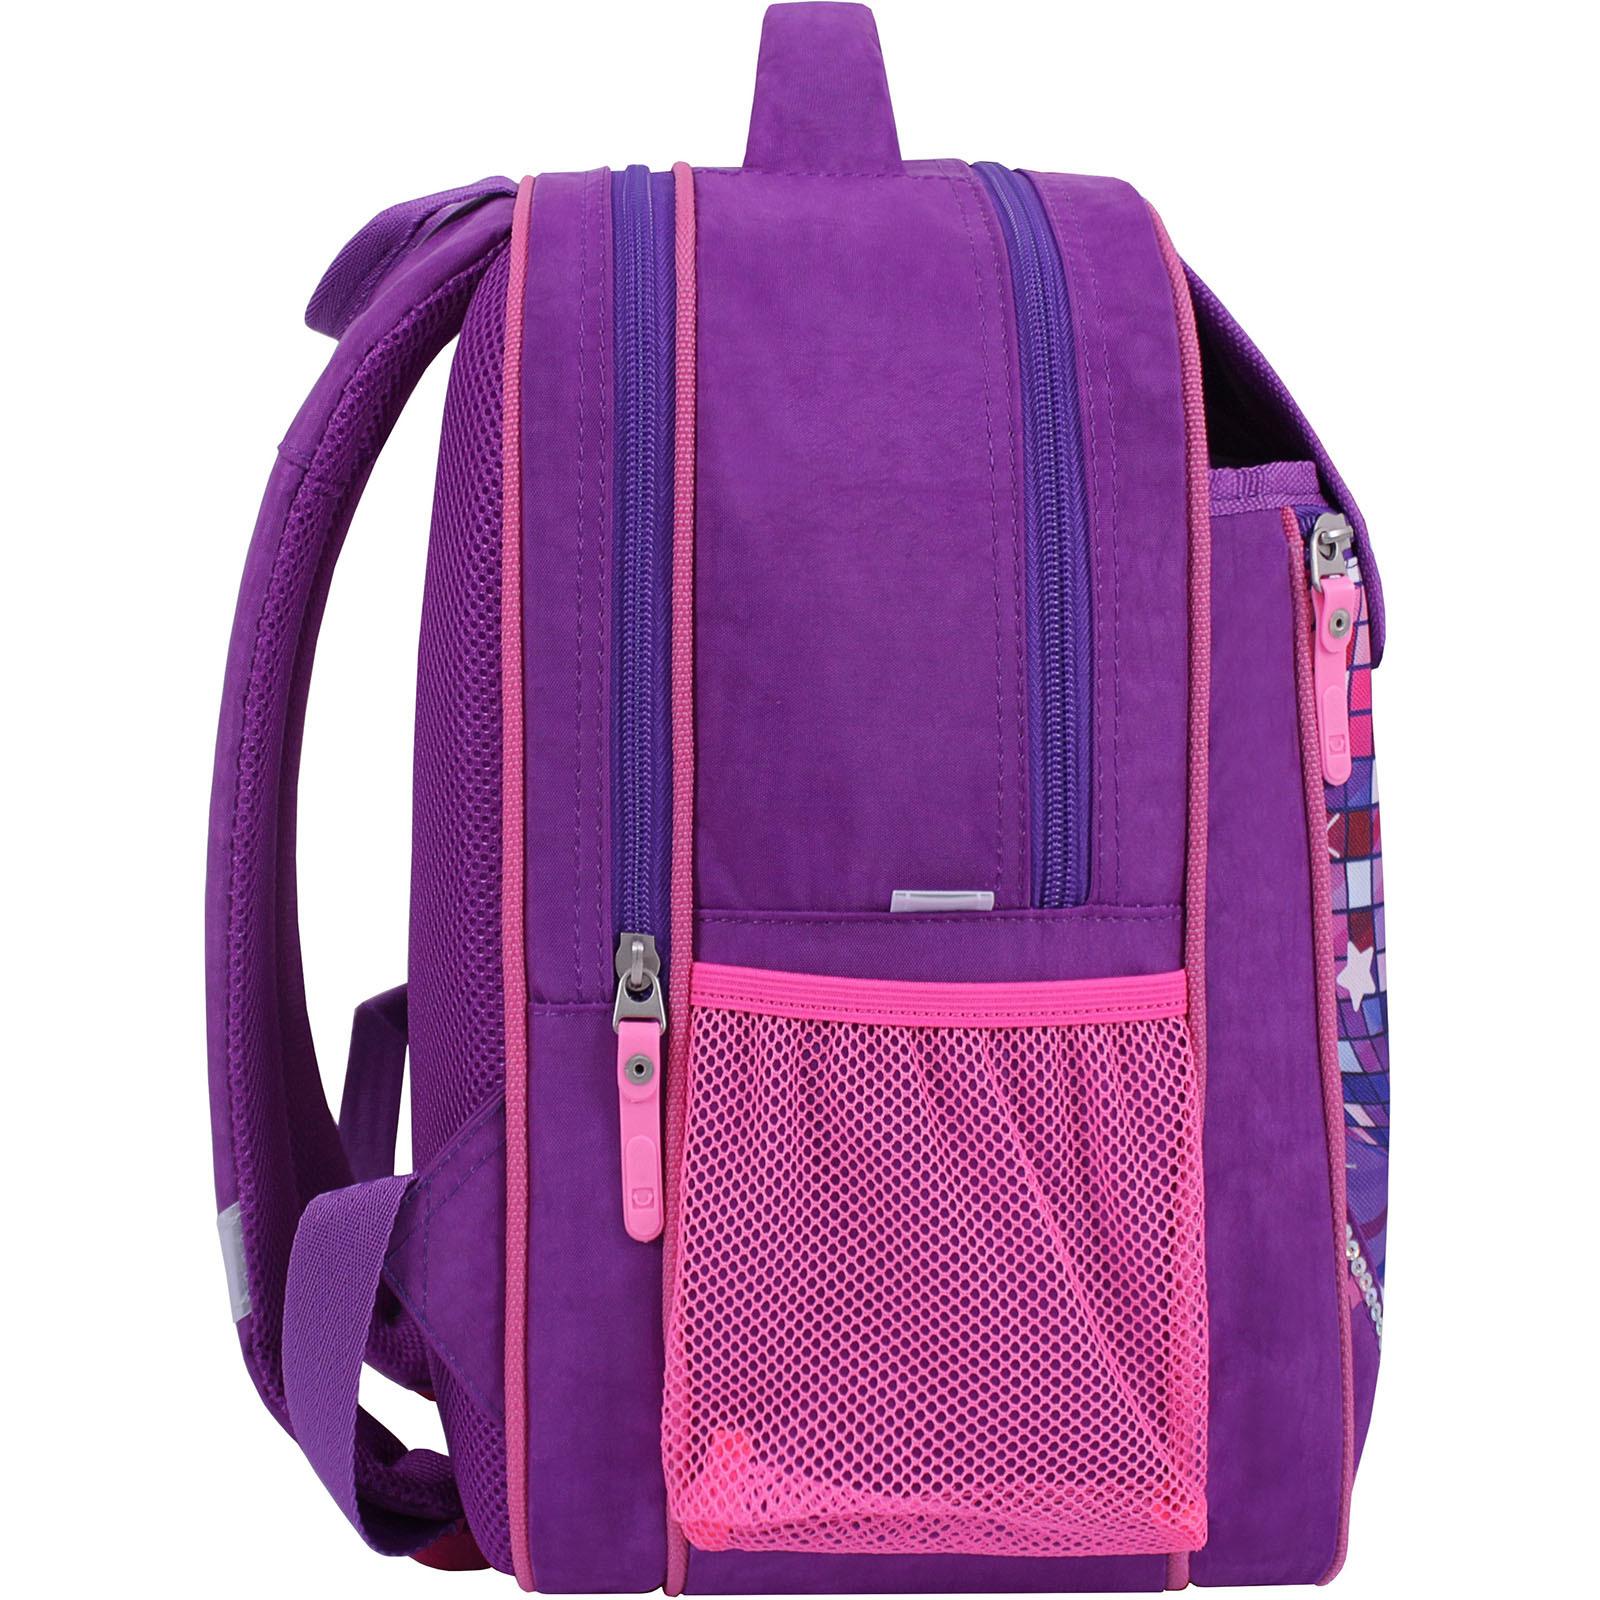 Рюкзак школьный Bagland Отличник 20 л. 339 фиолетовый 502 (0058070) фото 2